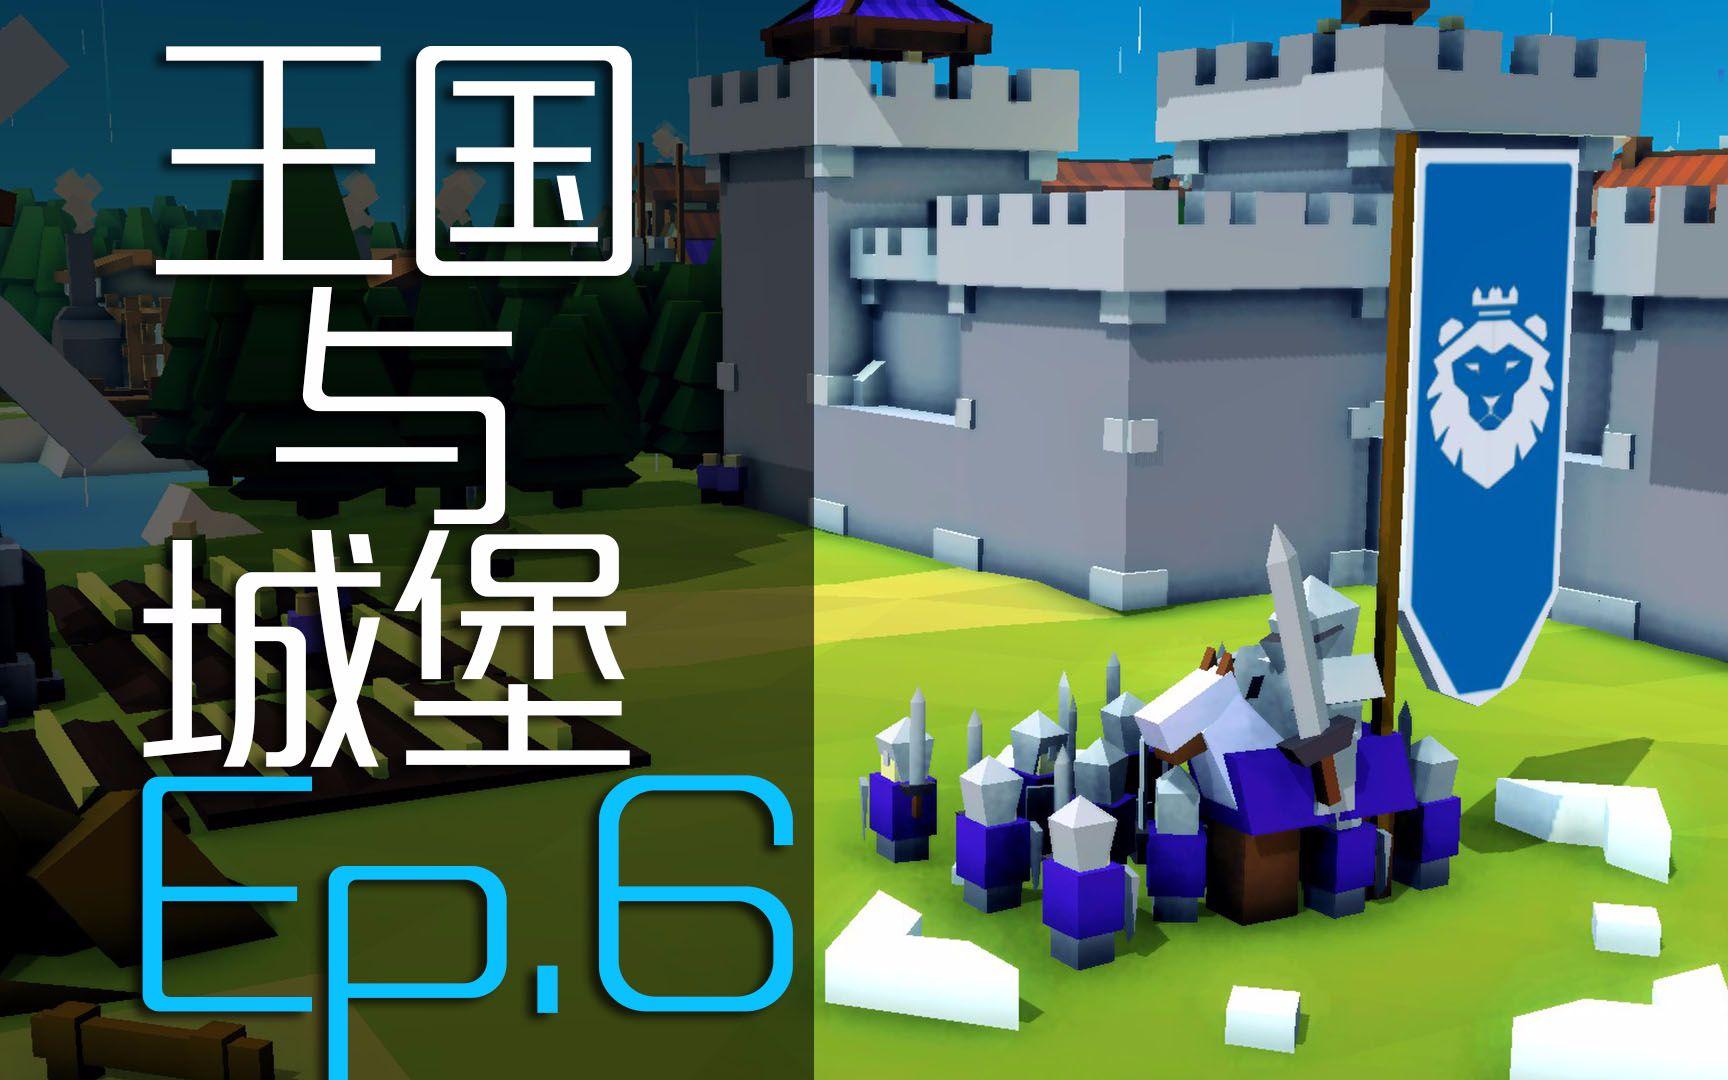 【王国与城堡】Ep.6是时候建立军队了!Beta 3版本更新